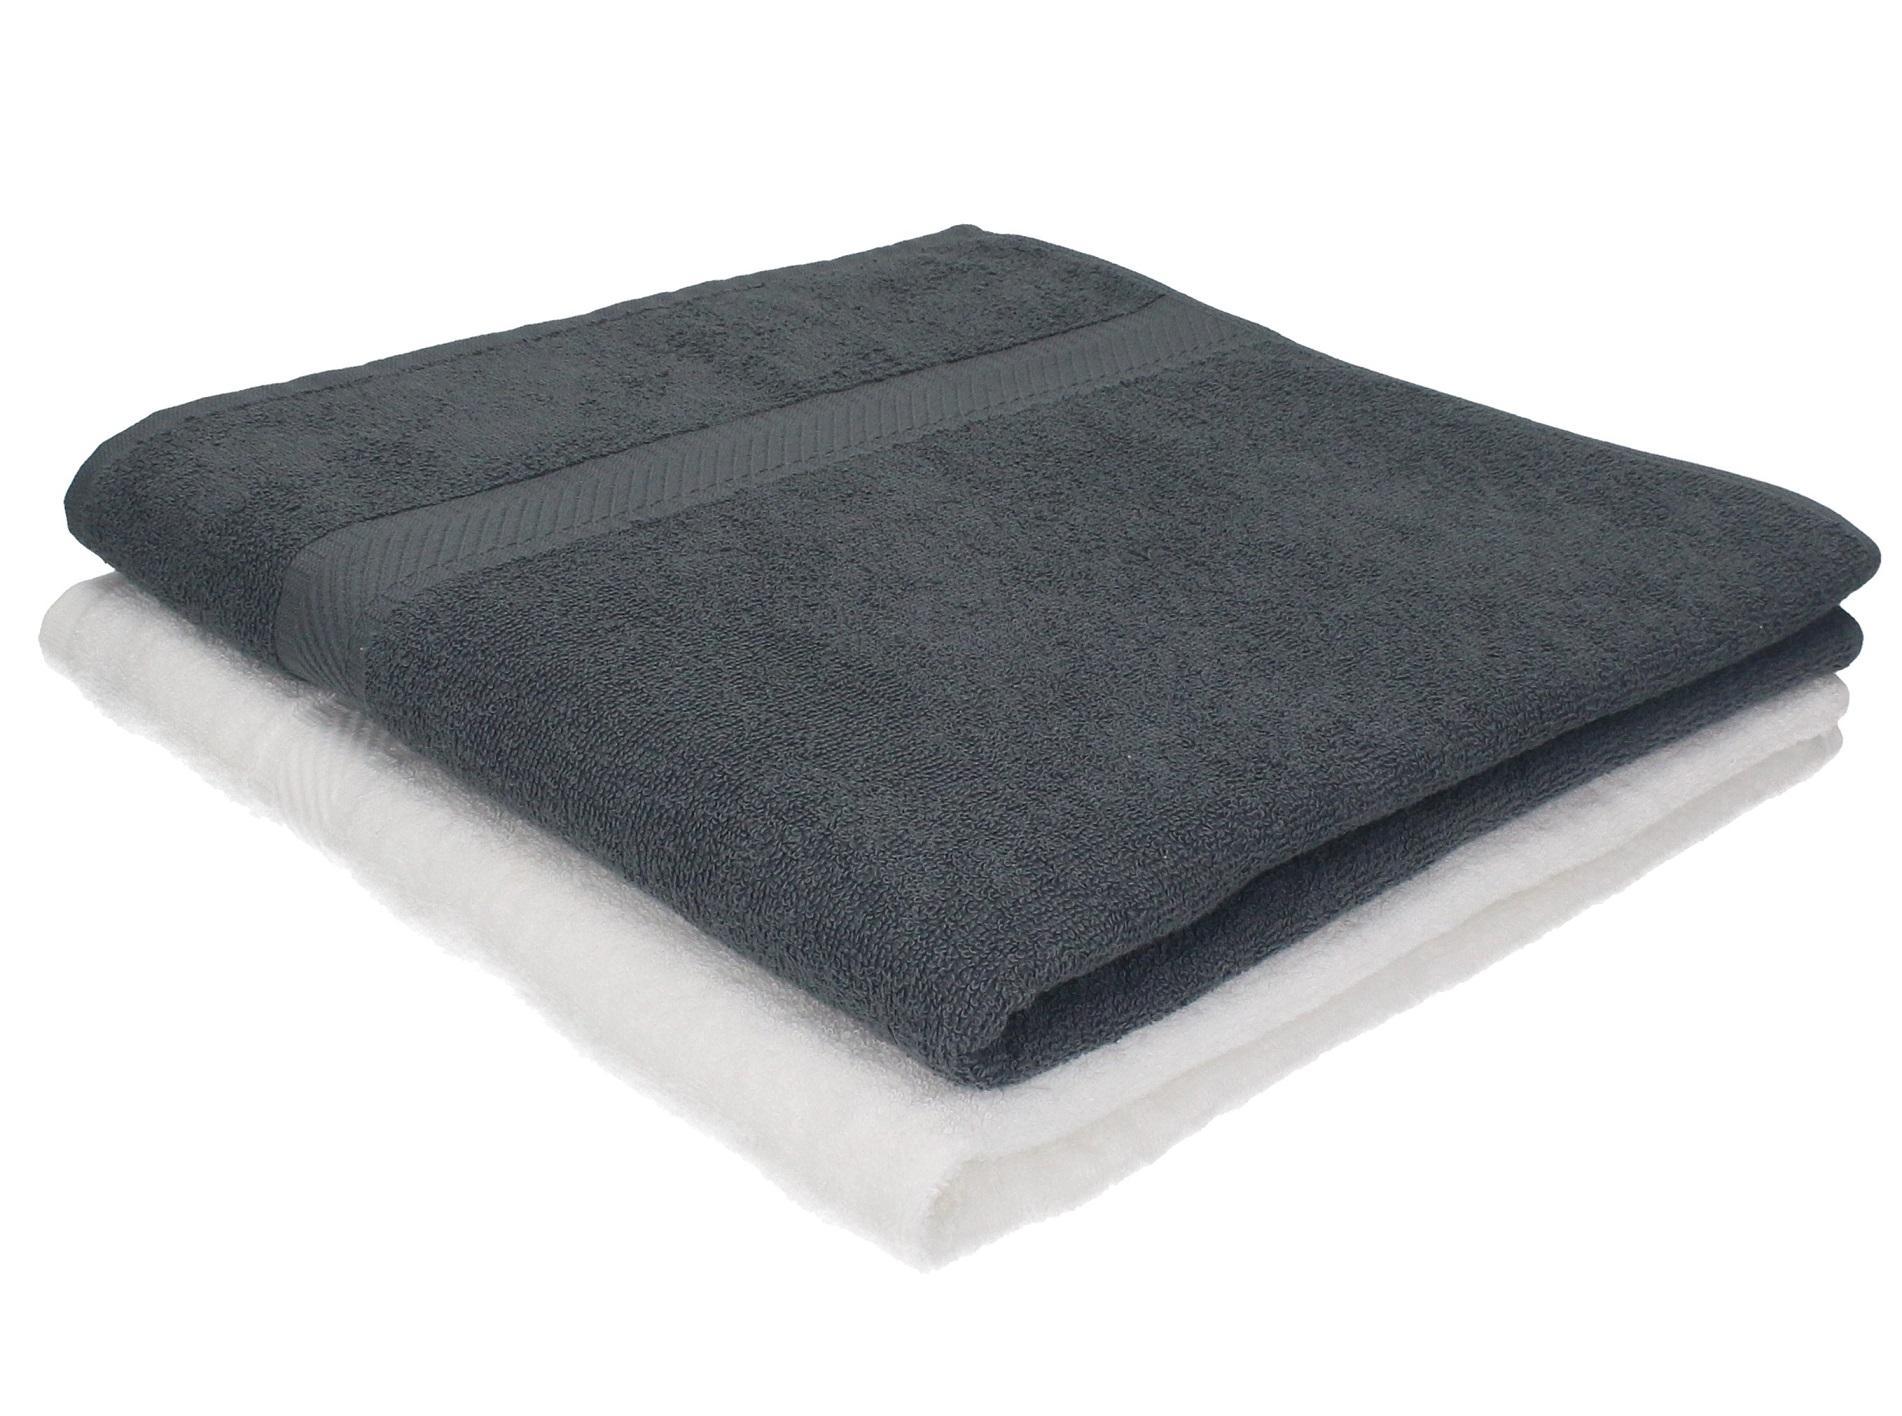 di 2 asciugamani da bagno 70 x 140 cm Palermo, 100 % cotone, colore ...